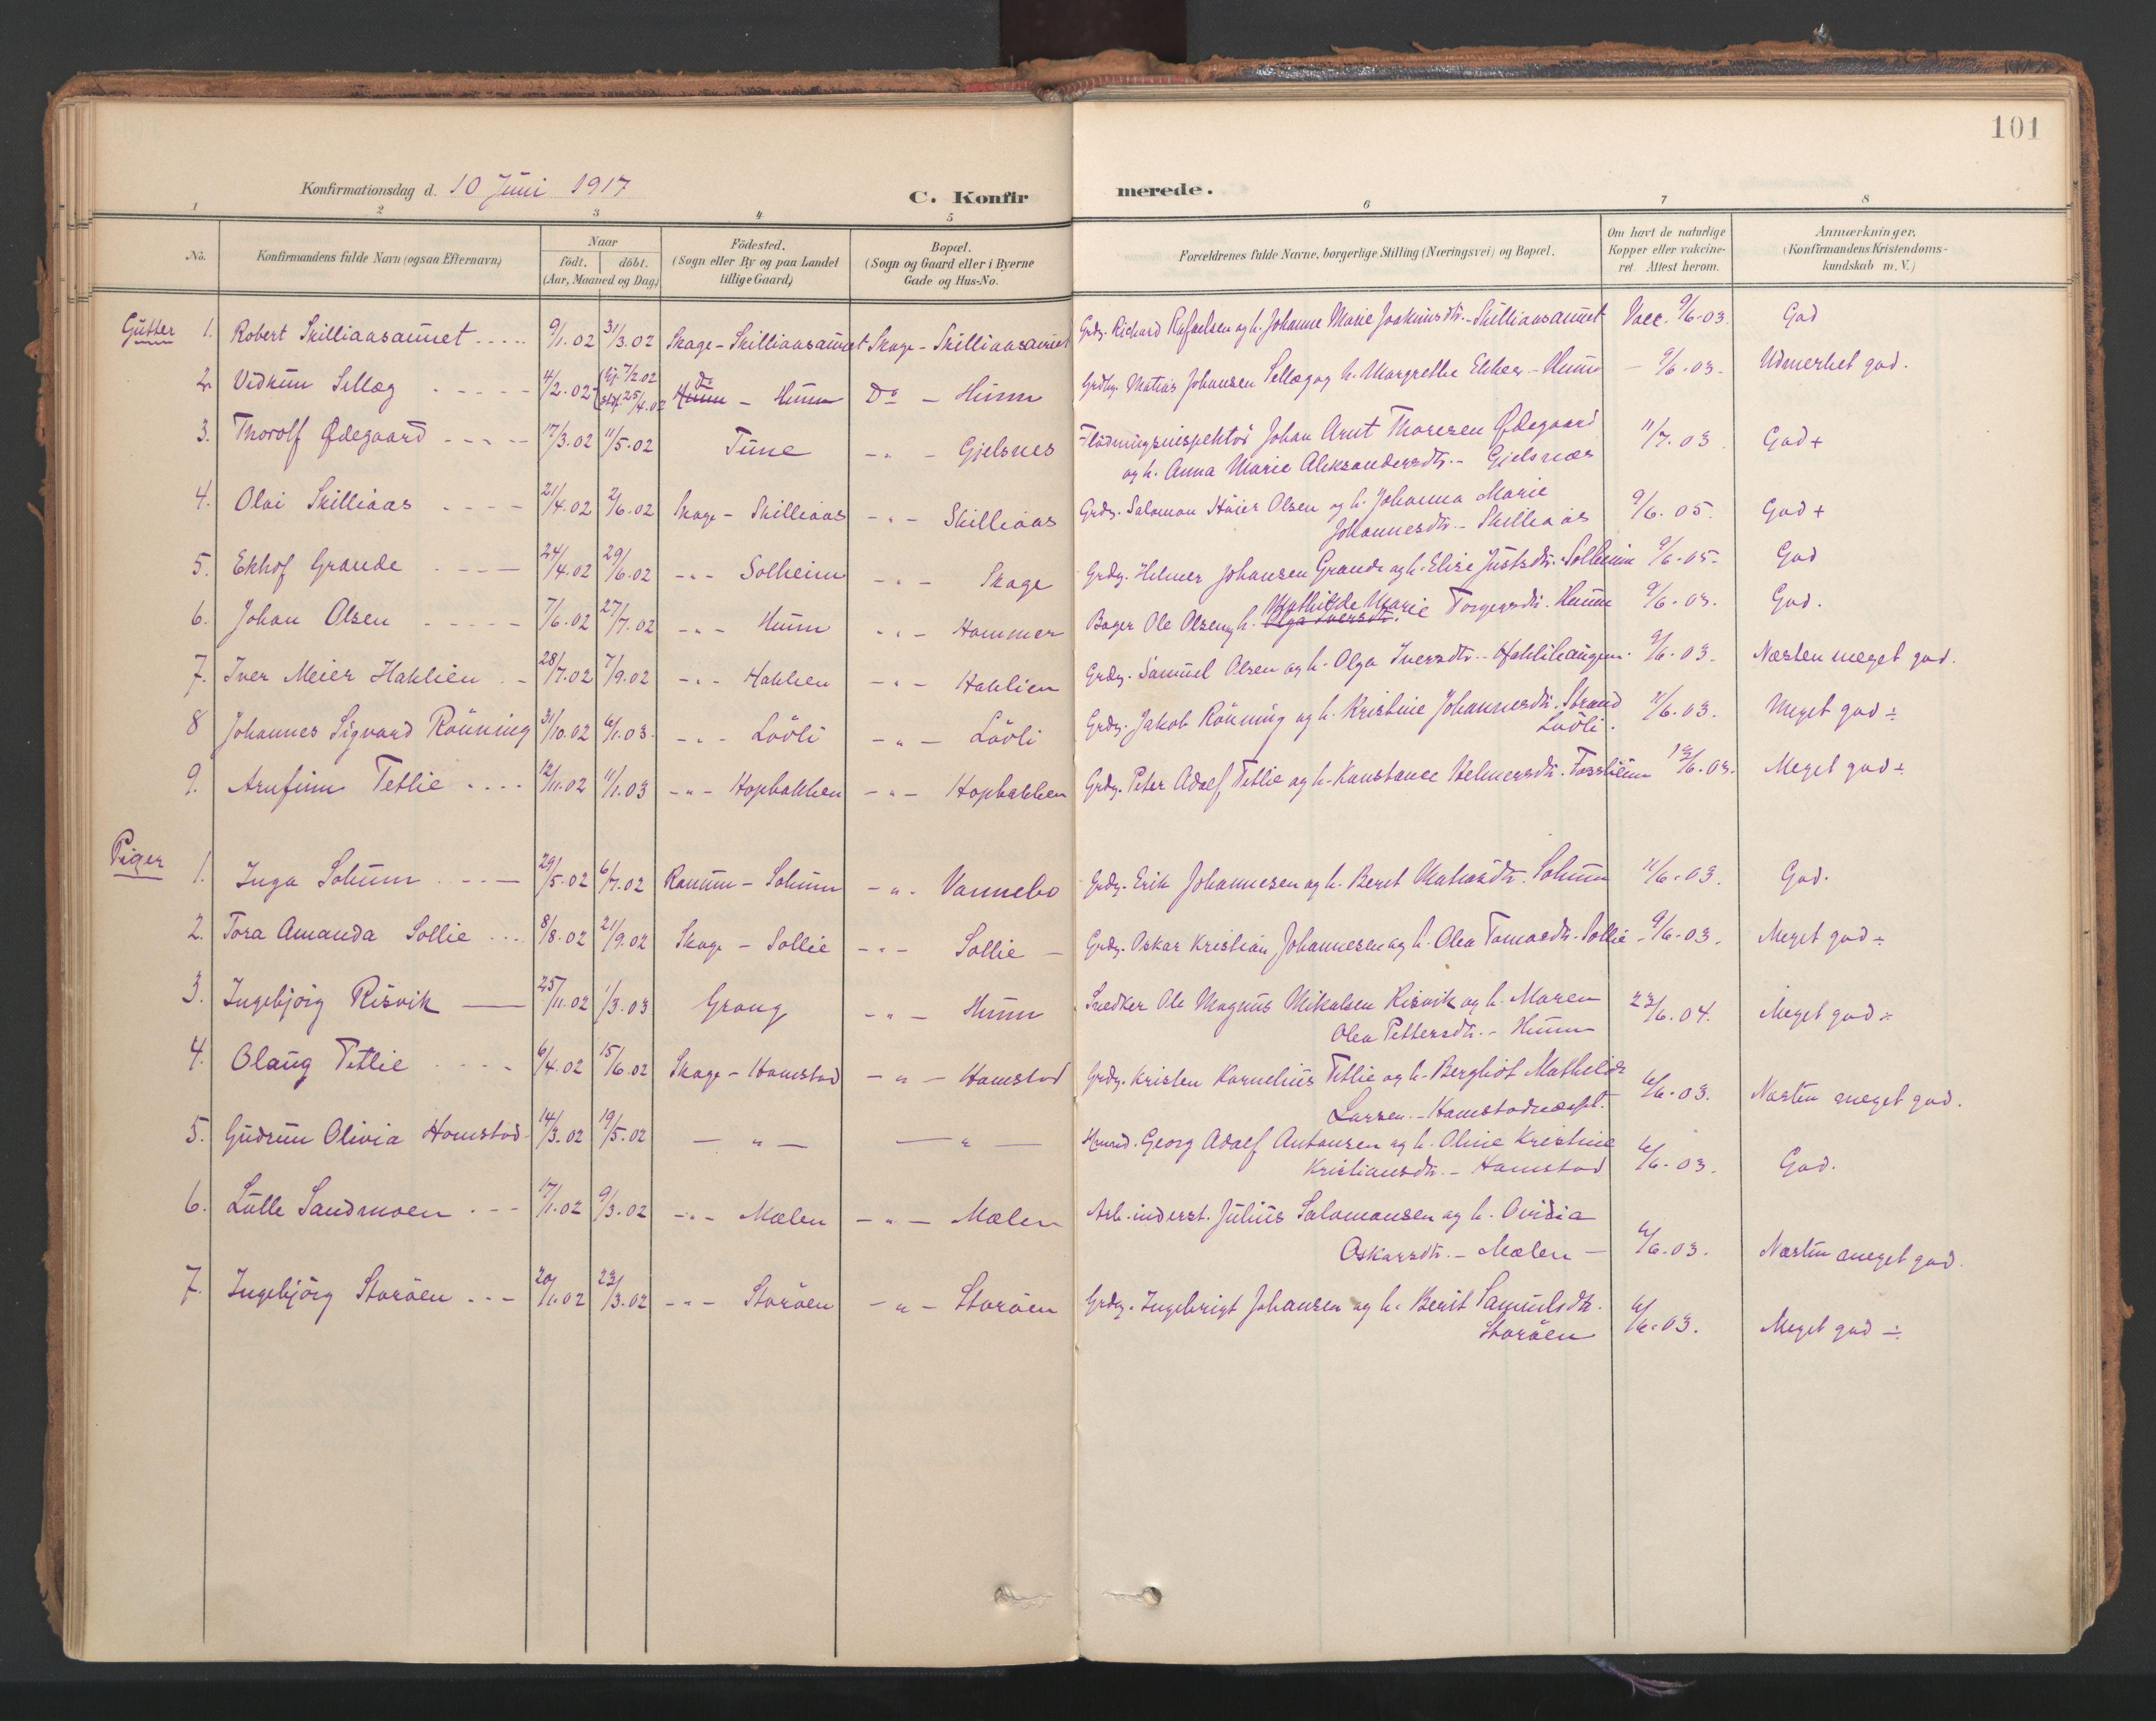 SAT, Ministerialprotokoller, klokkerbøker og fødselsregistre - Nord-Trøndelag, 766/L0564: Ministerialbok nr. 767A02, 1900-1932, s. 101